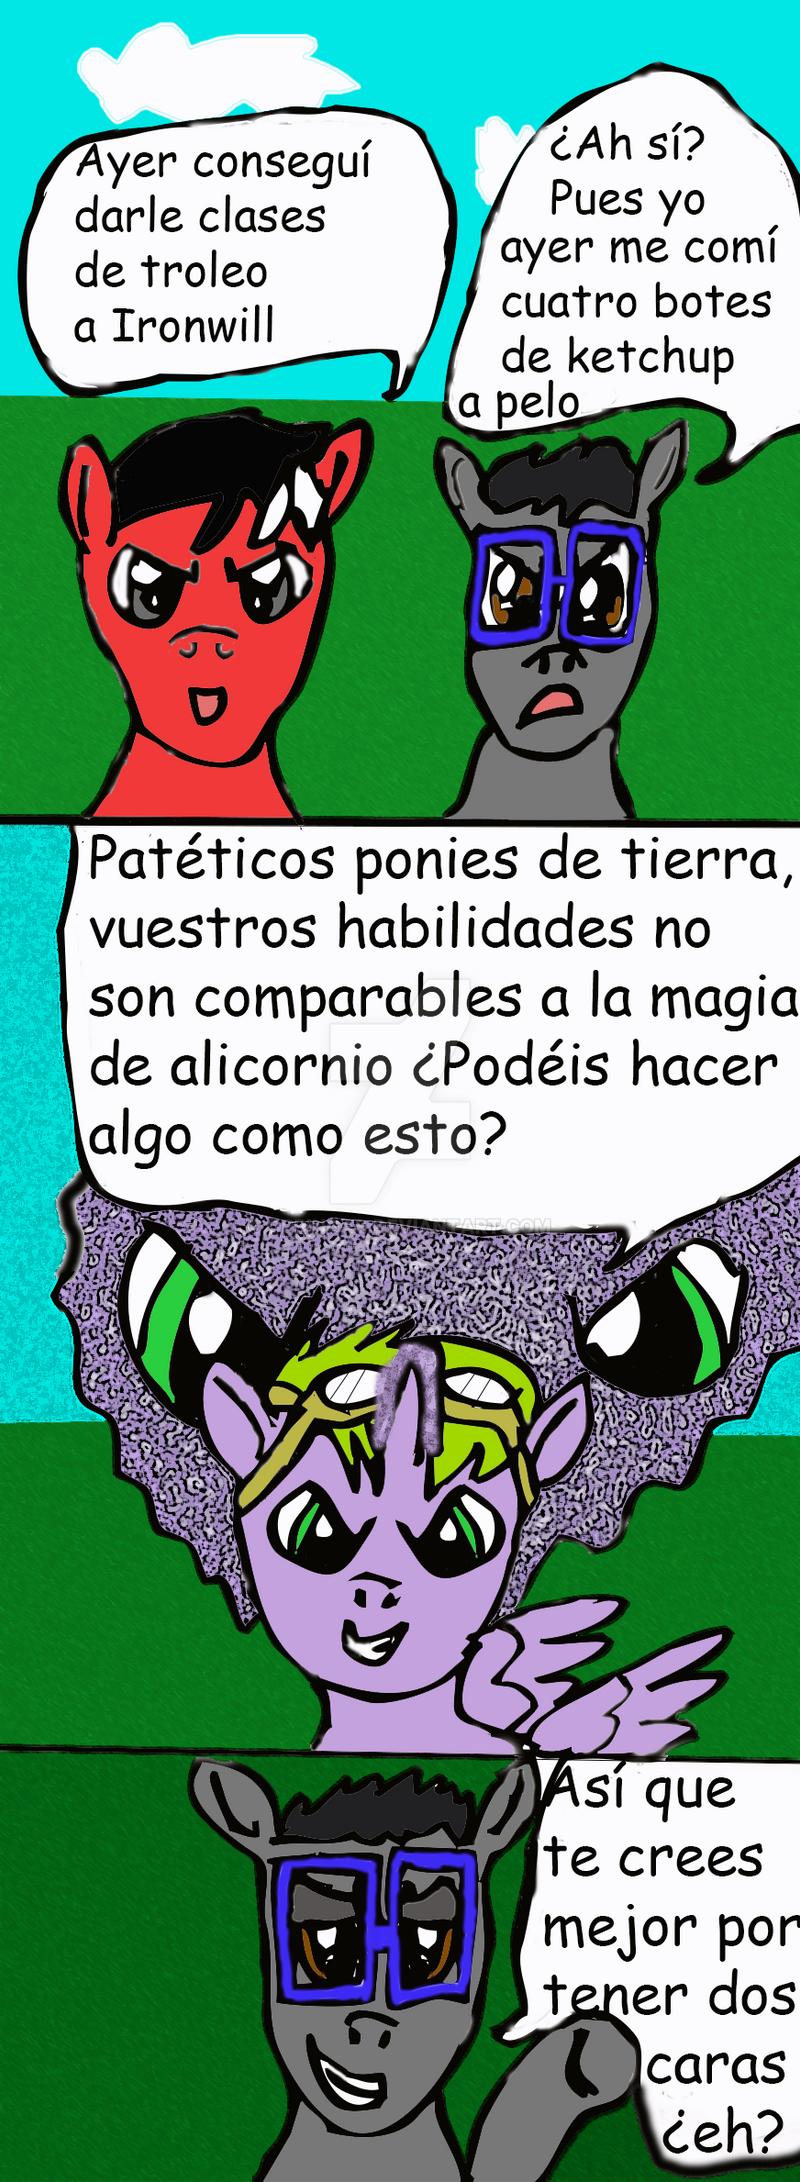 Parodia EdiZ Zequi y Daylo Pagina 1 by DrPingas